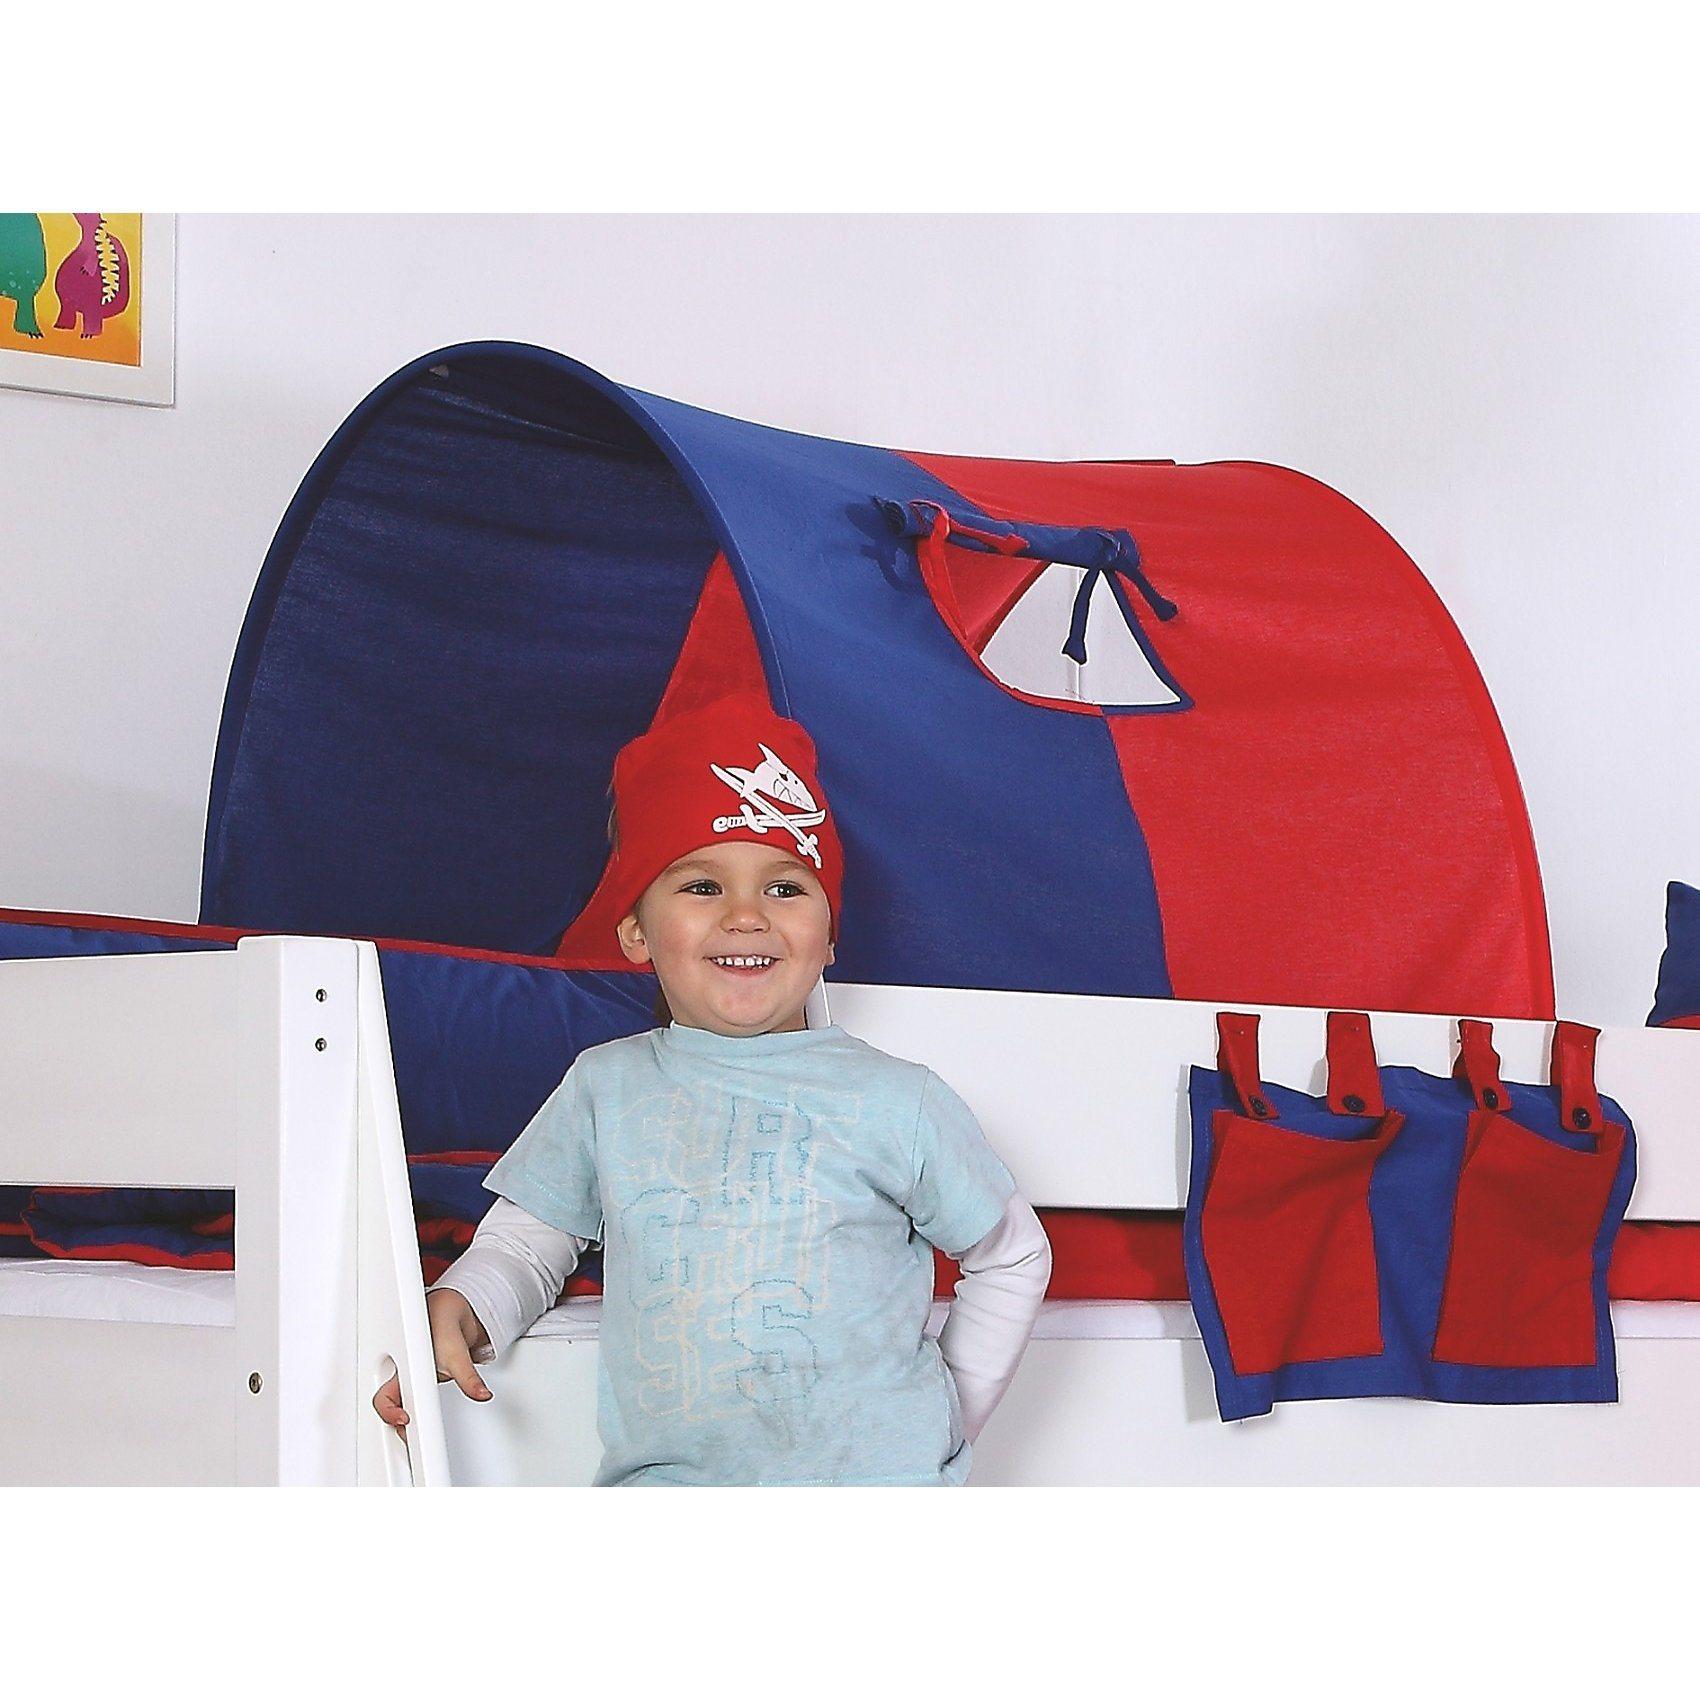 Relita Tunnel zu Hoch- & Etagenbetten, 75 cm, blau/rot | Kinderzimmer > Kinderbetten > Etagenbetten | Rot - Blau | Baumwolle | Relita